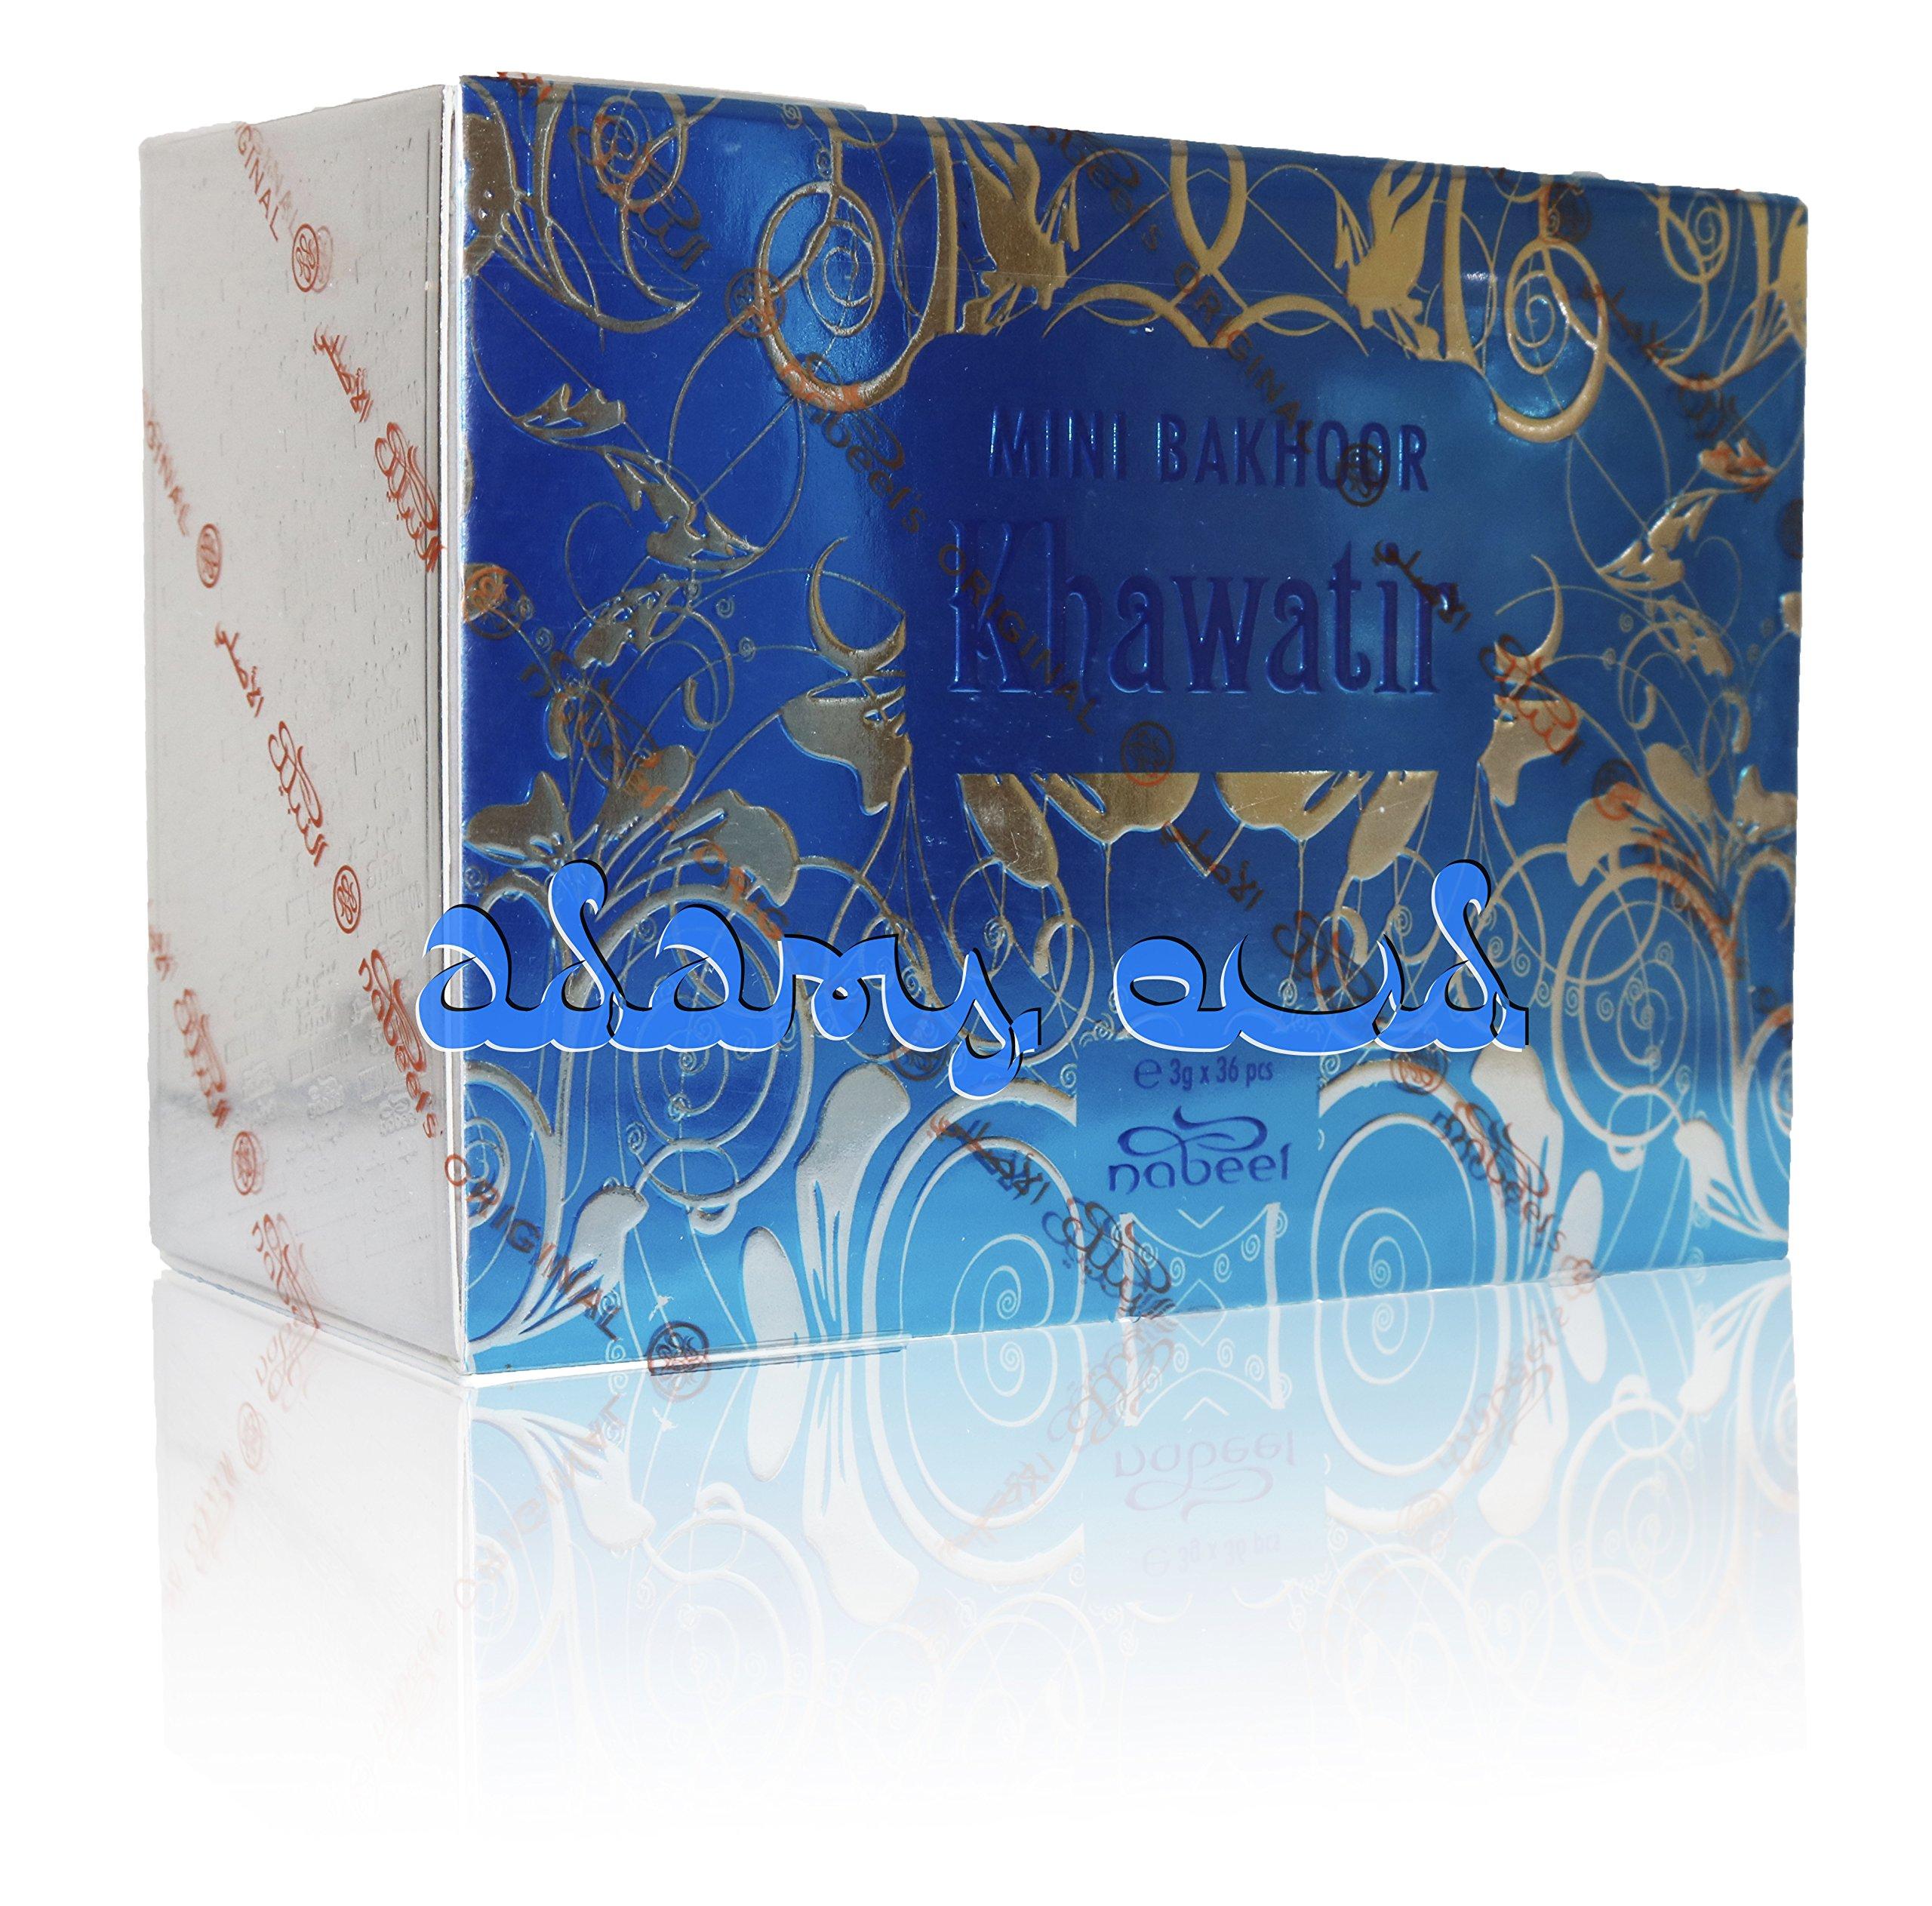 Khawatir 3gx36 Pieces by Nabeel - Bakhoor Oudh - Individually Sealed Bukhoor Mini Bakhoor Khawatir Incense by Nabeel 108gm (Box of 36 x 3gm) by Nabeel Perfumes